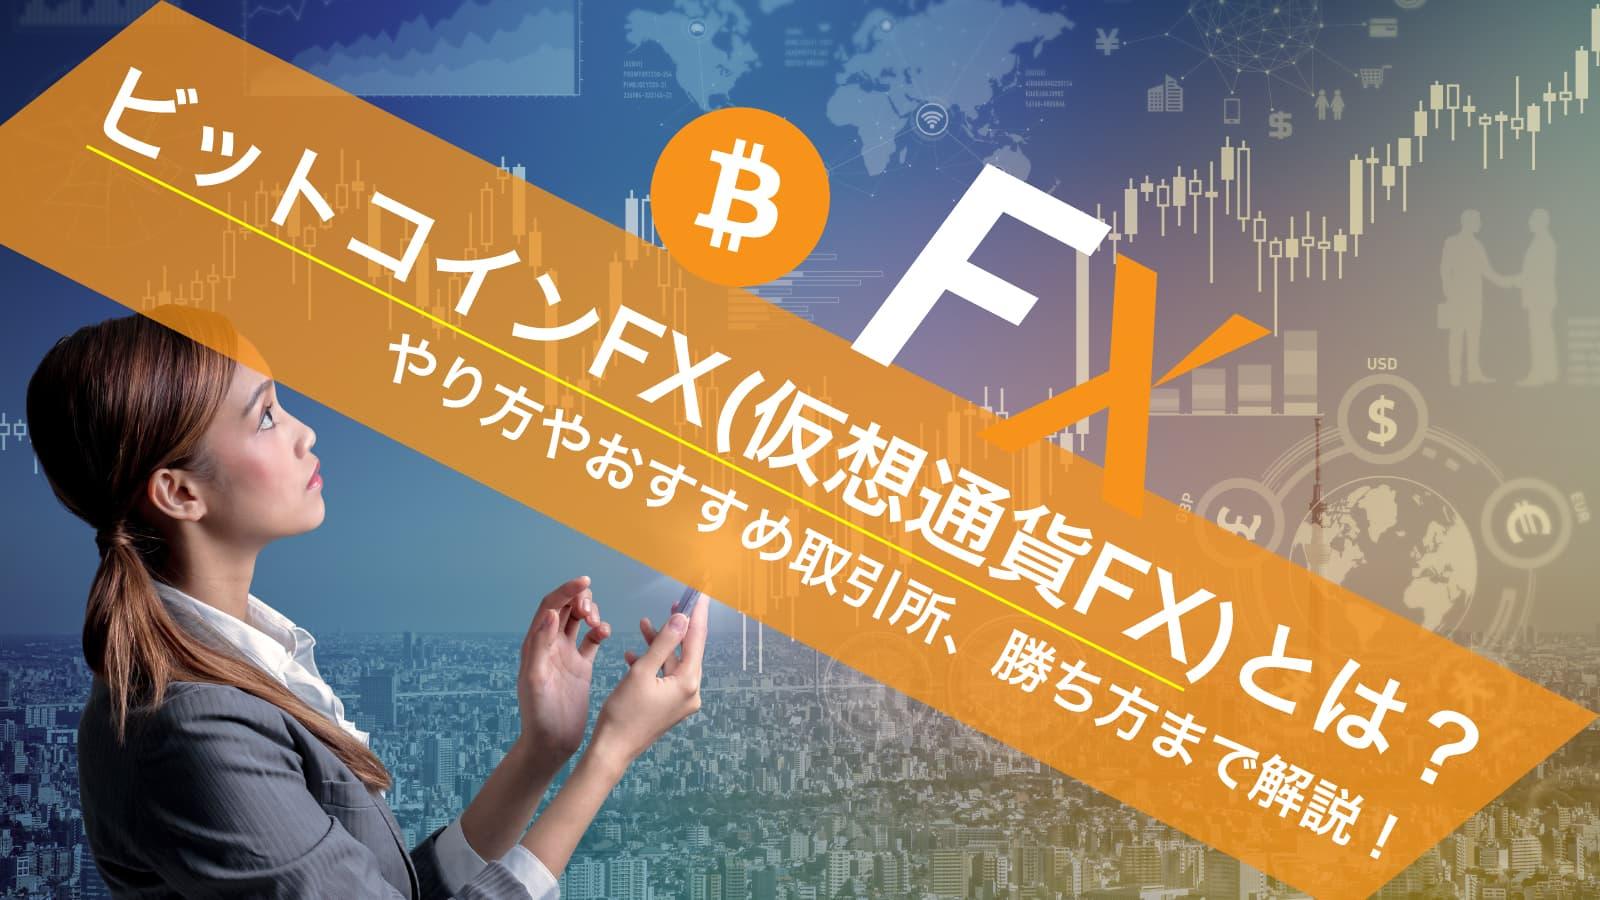 ビットコインFXとは?やり方やおすすめ取引所、勝ち方まで解説!